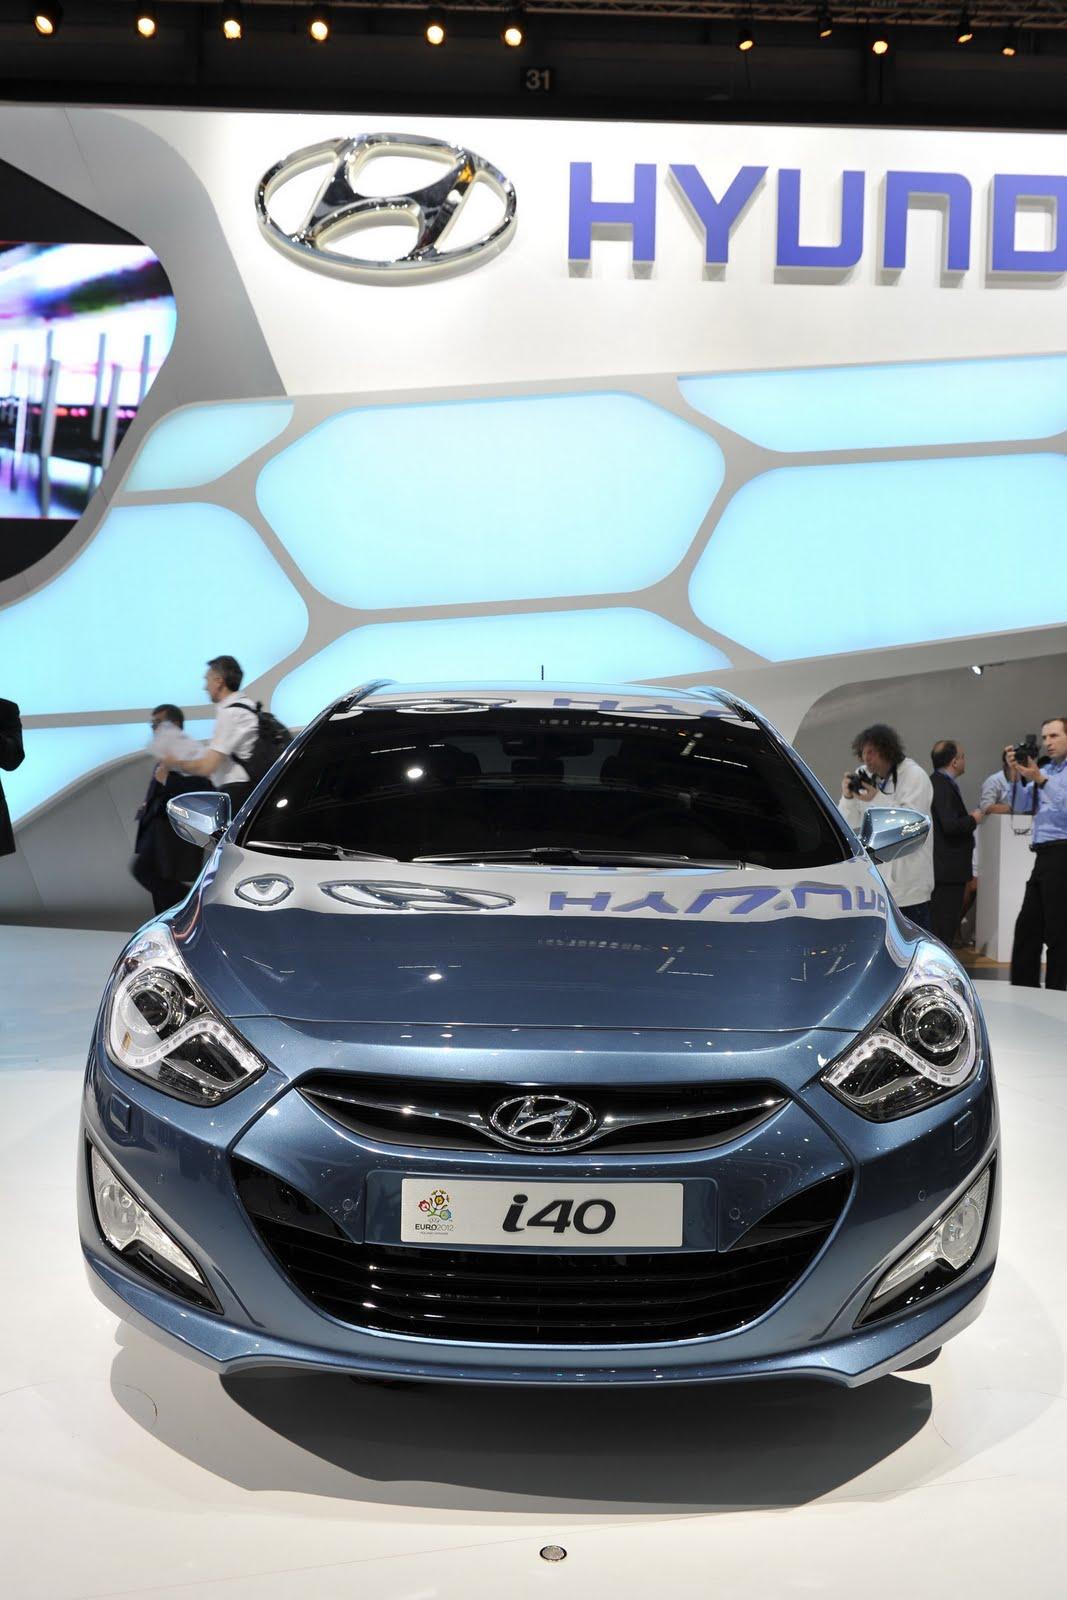 http://2.bp.blogspot.com/-YE9jRbiMheI/TcWdYush9iI/AAAAAAAAFGY/EDauzaFtF1Q/s1600/Hyundai-i40-Cw-11.jpg